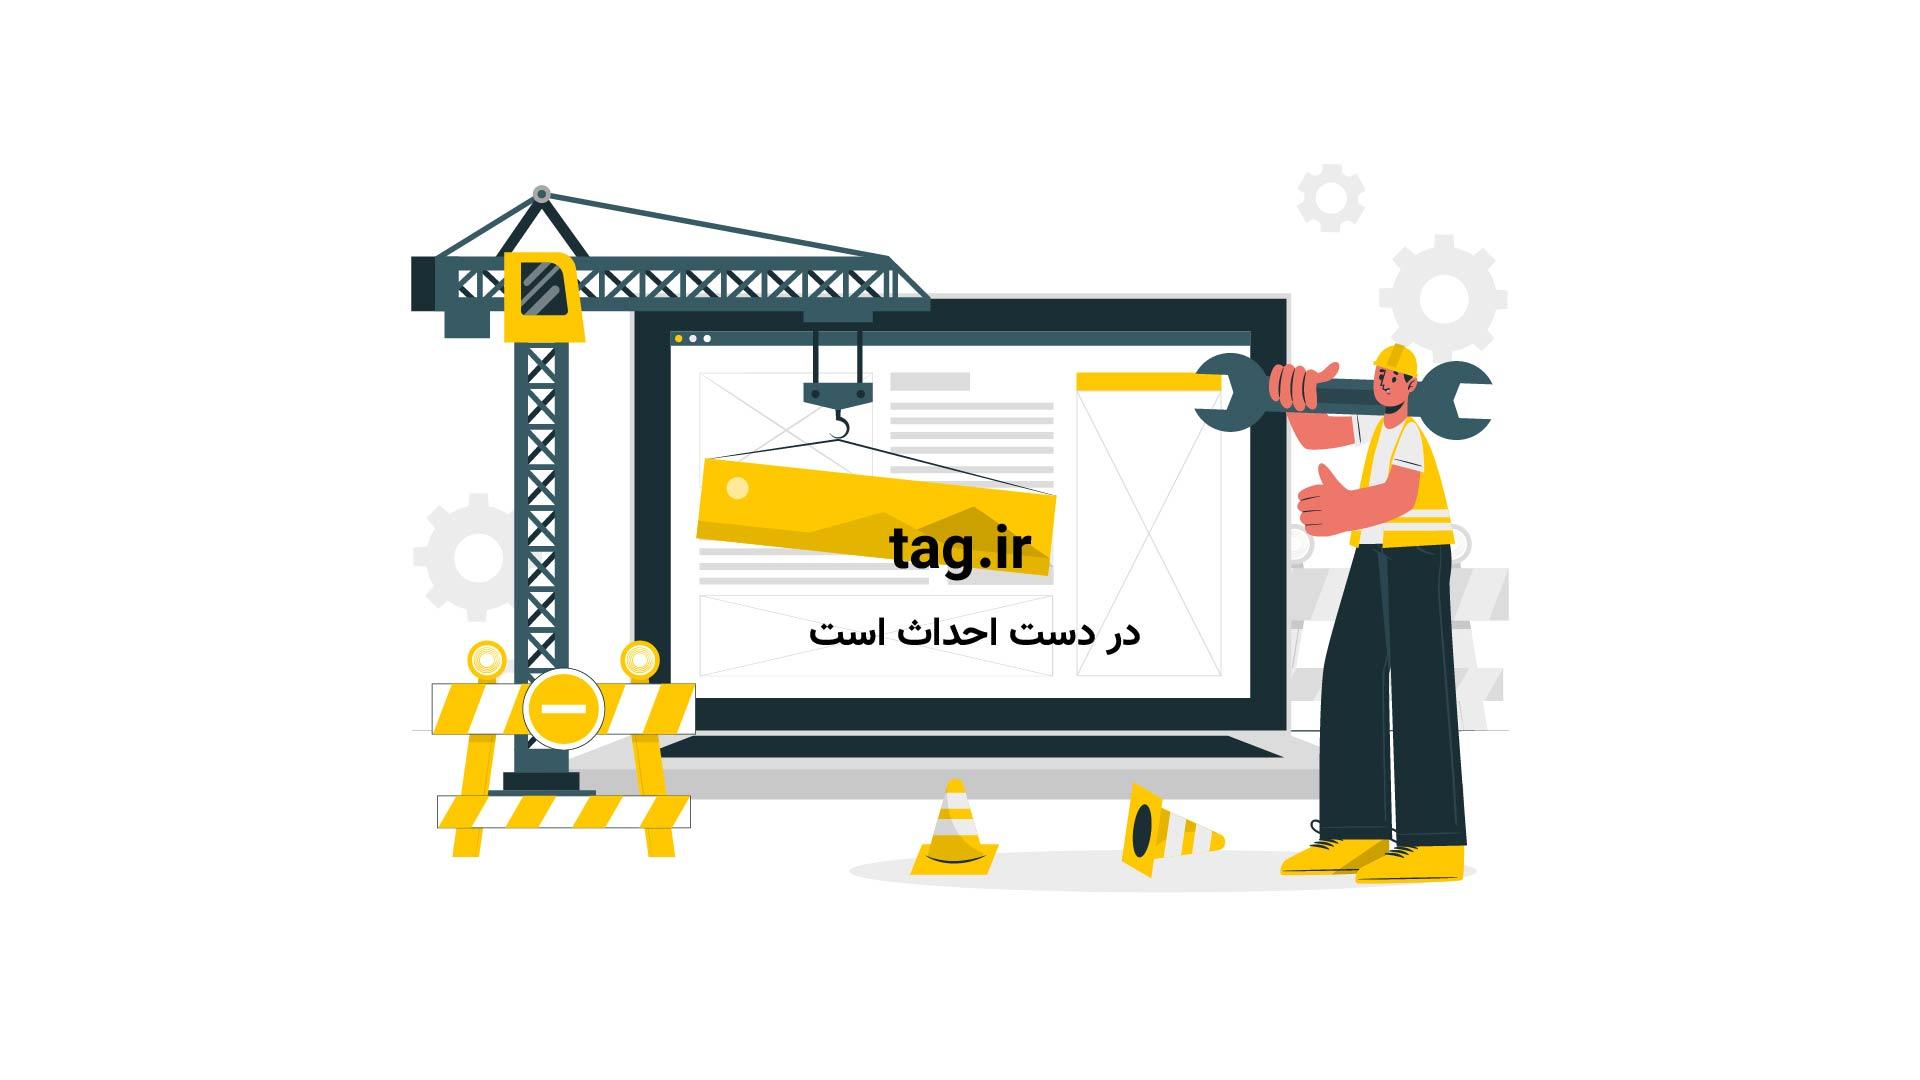 رختخواب هوشمند | تگ